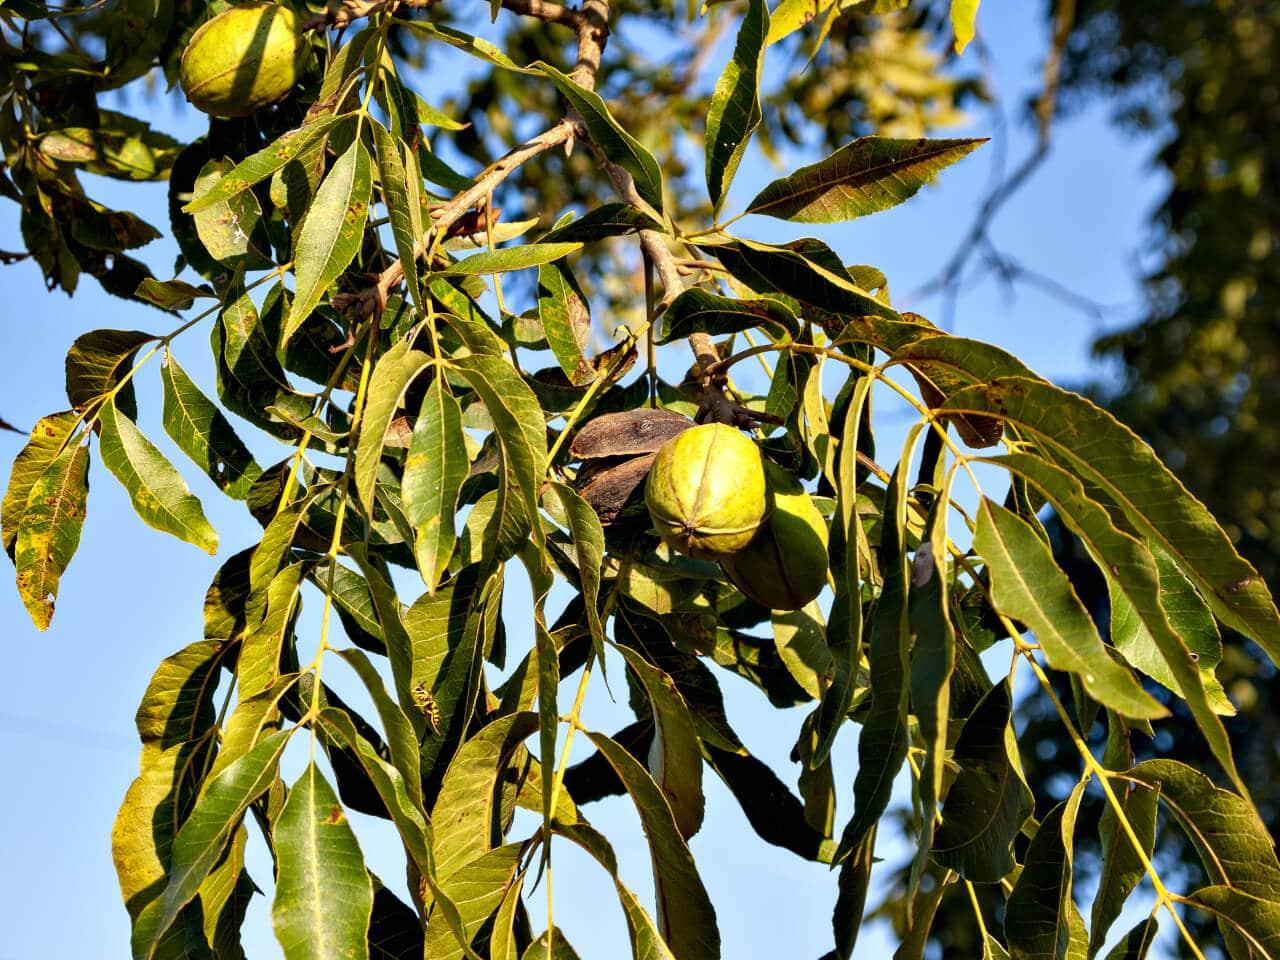 Pekannussbaum